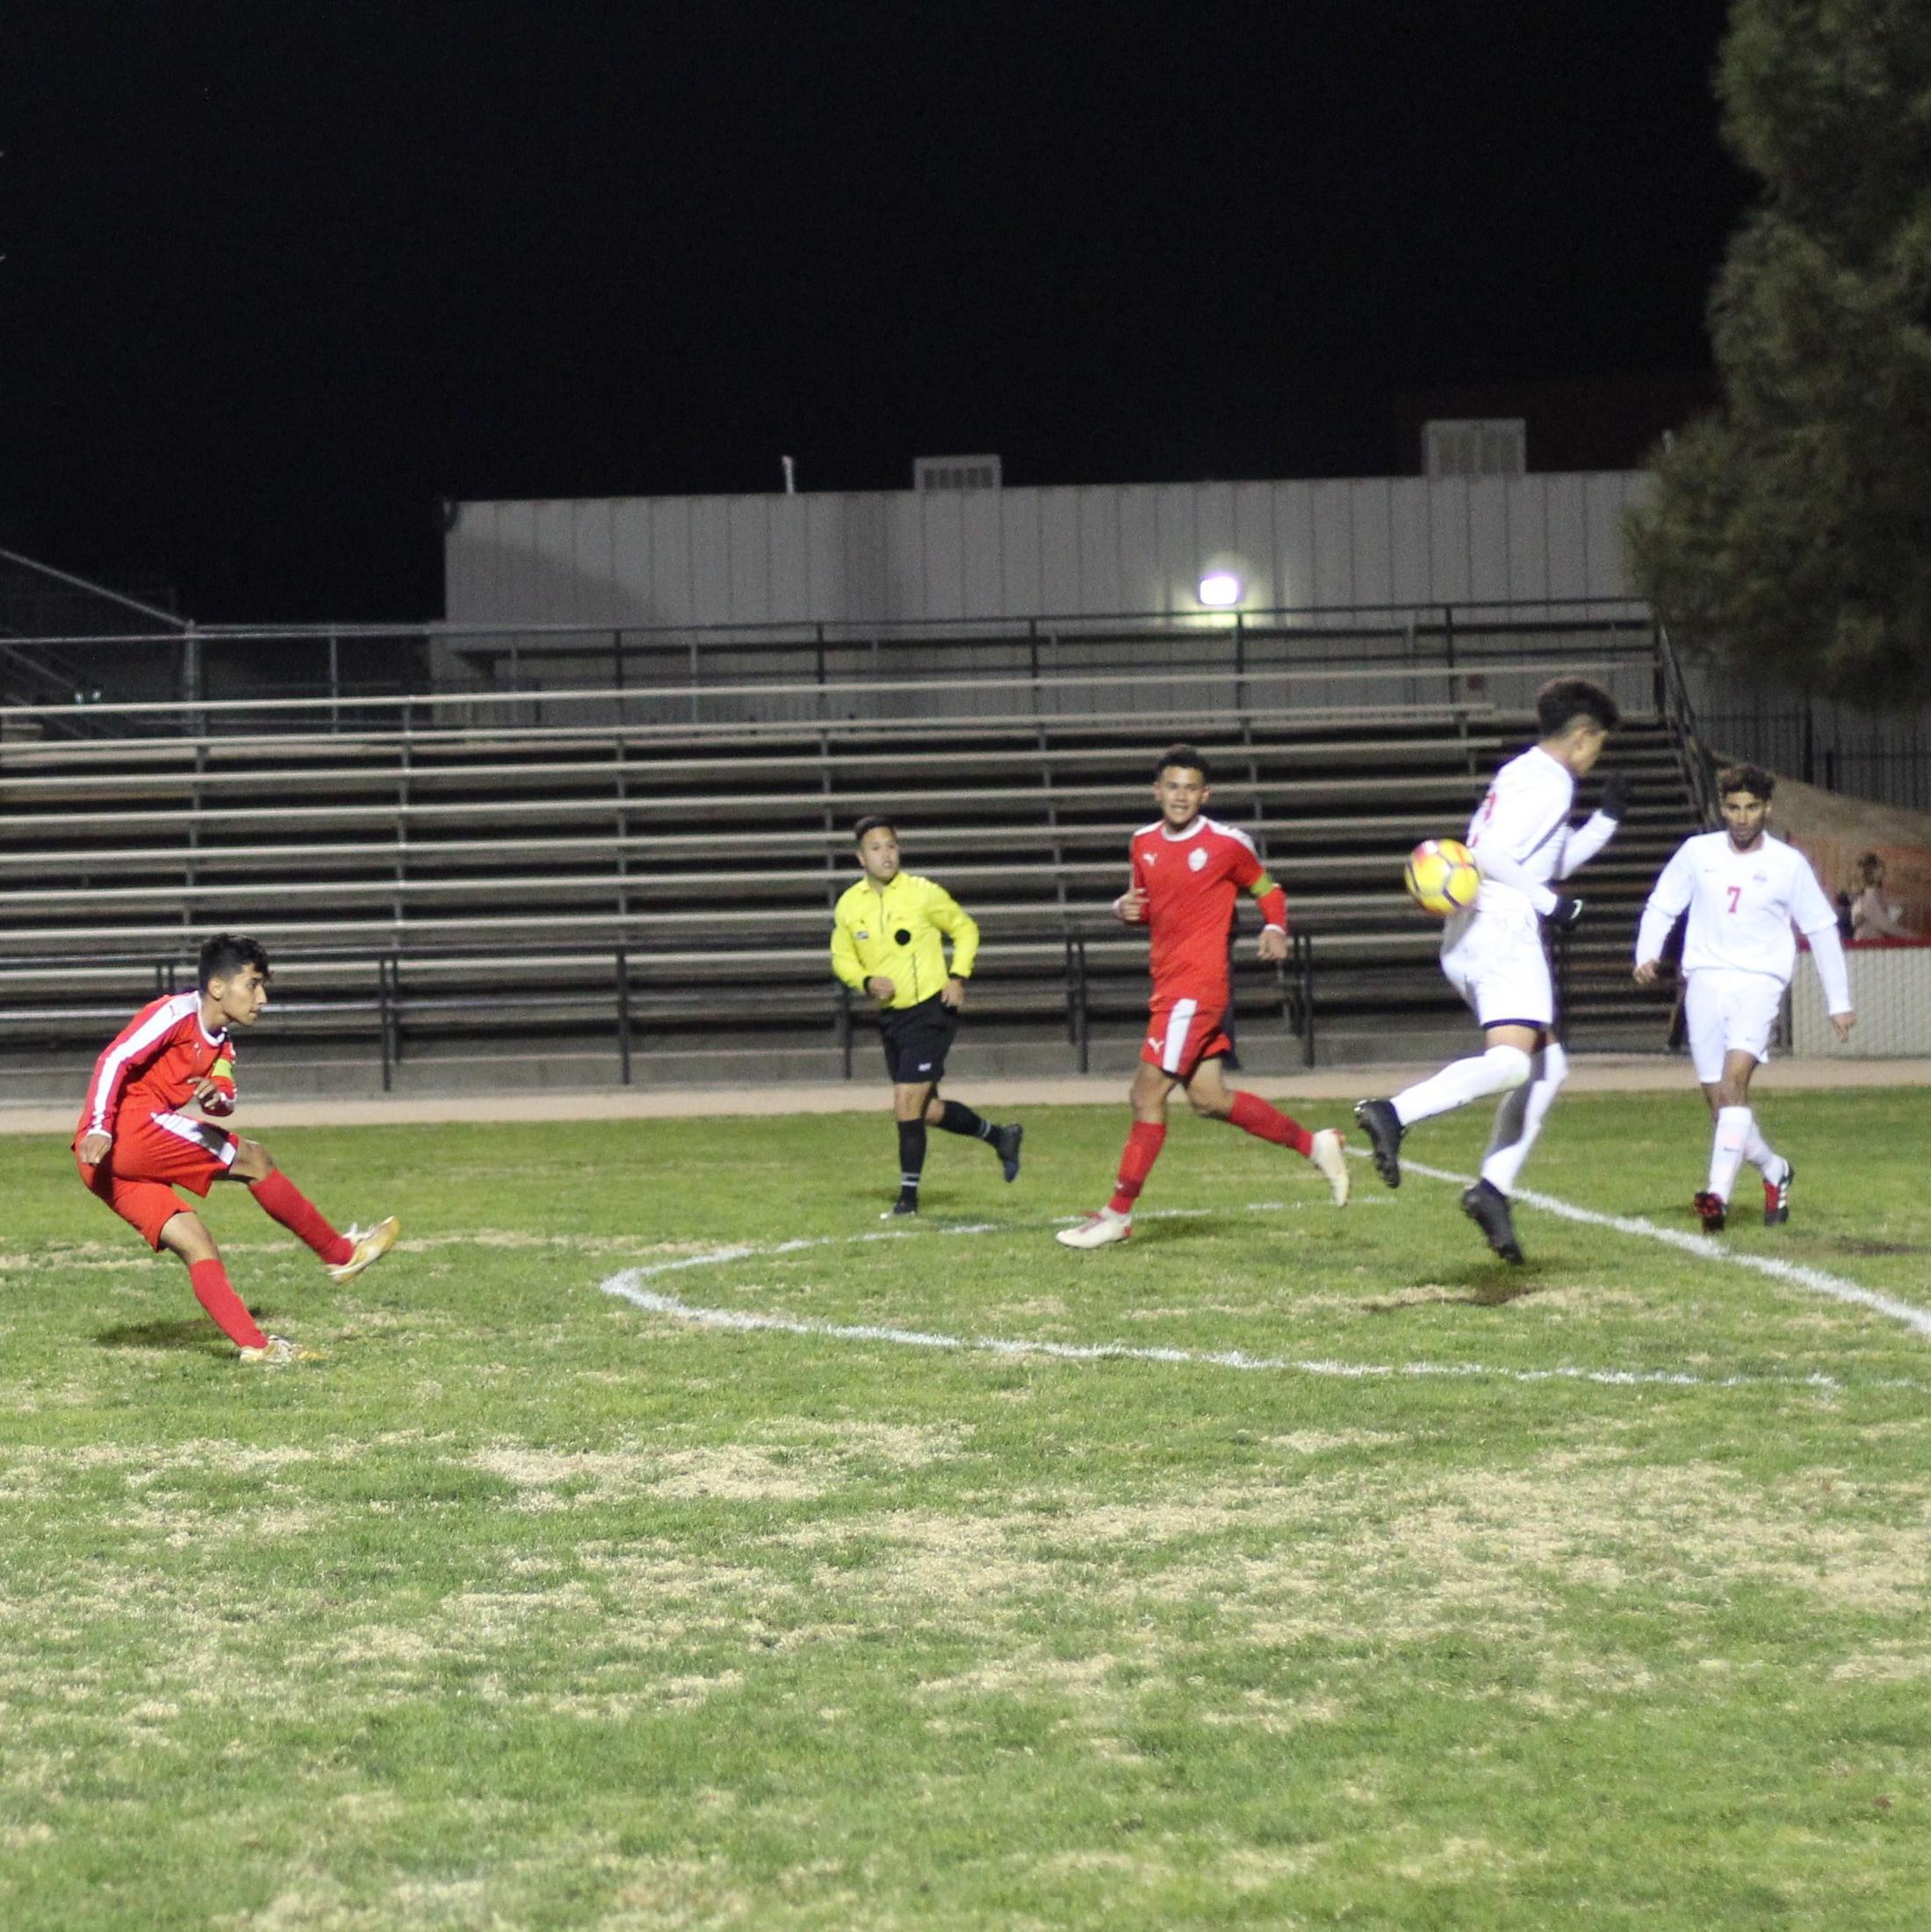 Luis Reyes kicking